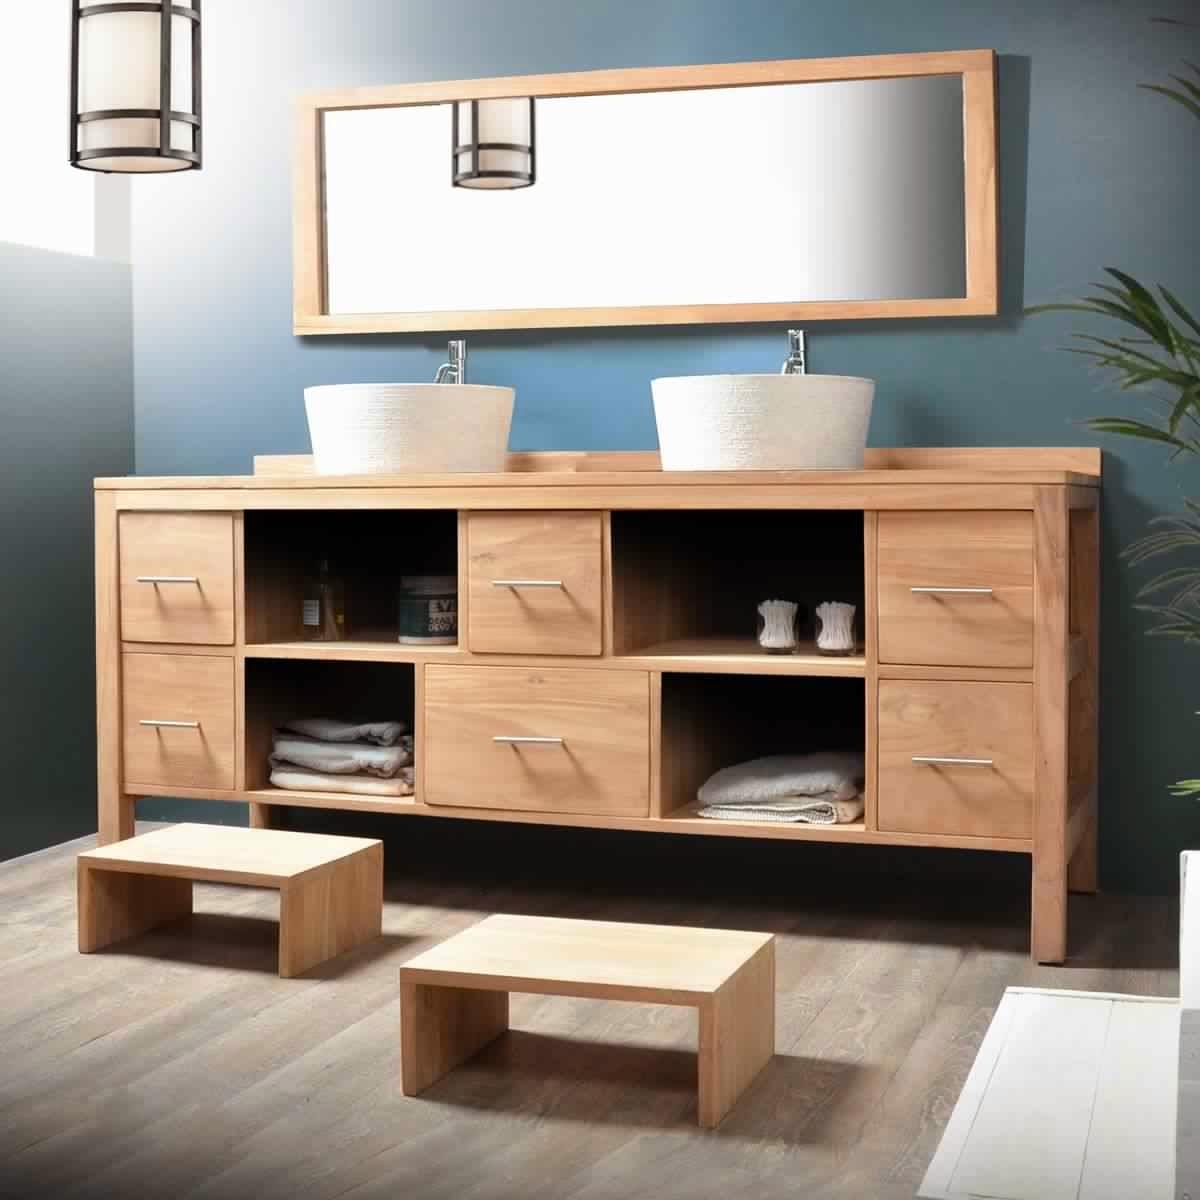 Meuble salle de bain bois 2 vasques meuble d coration maison for Meuble salle de bain suspendu bois